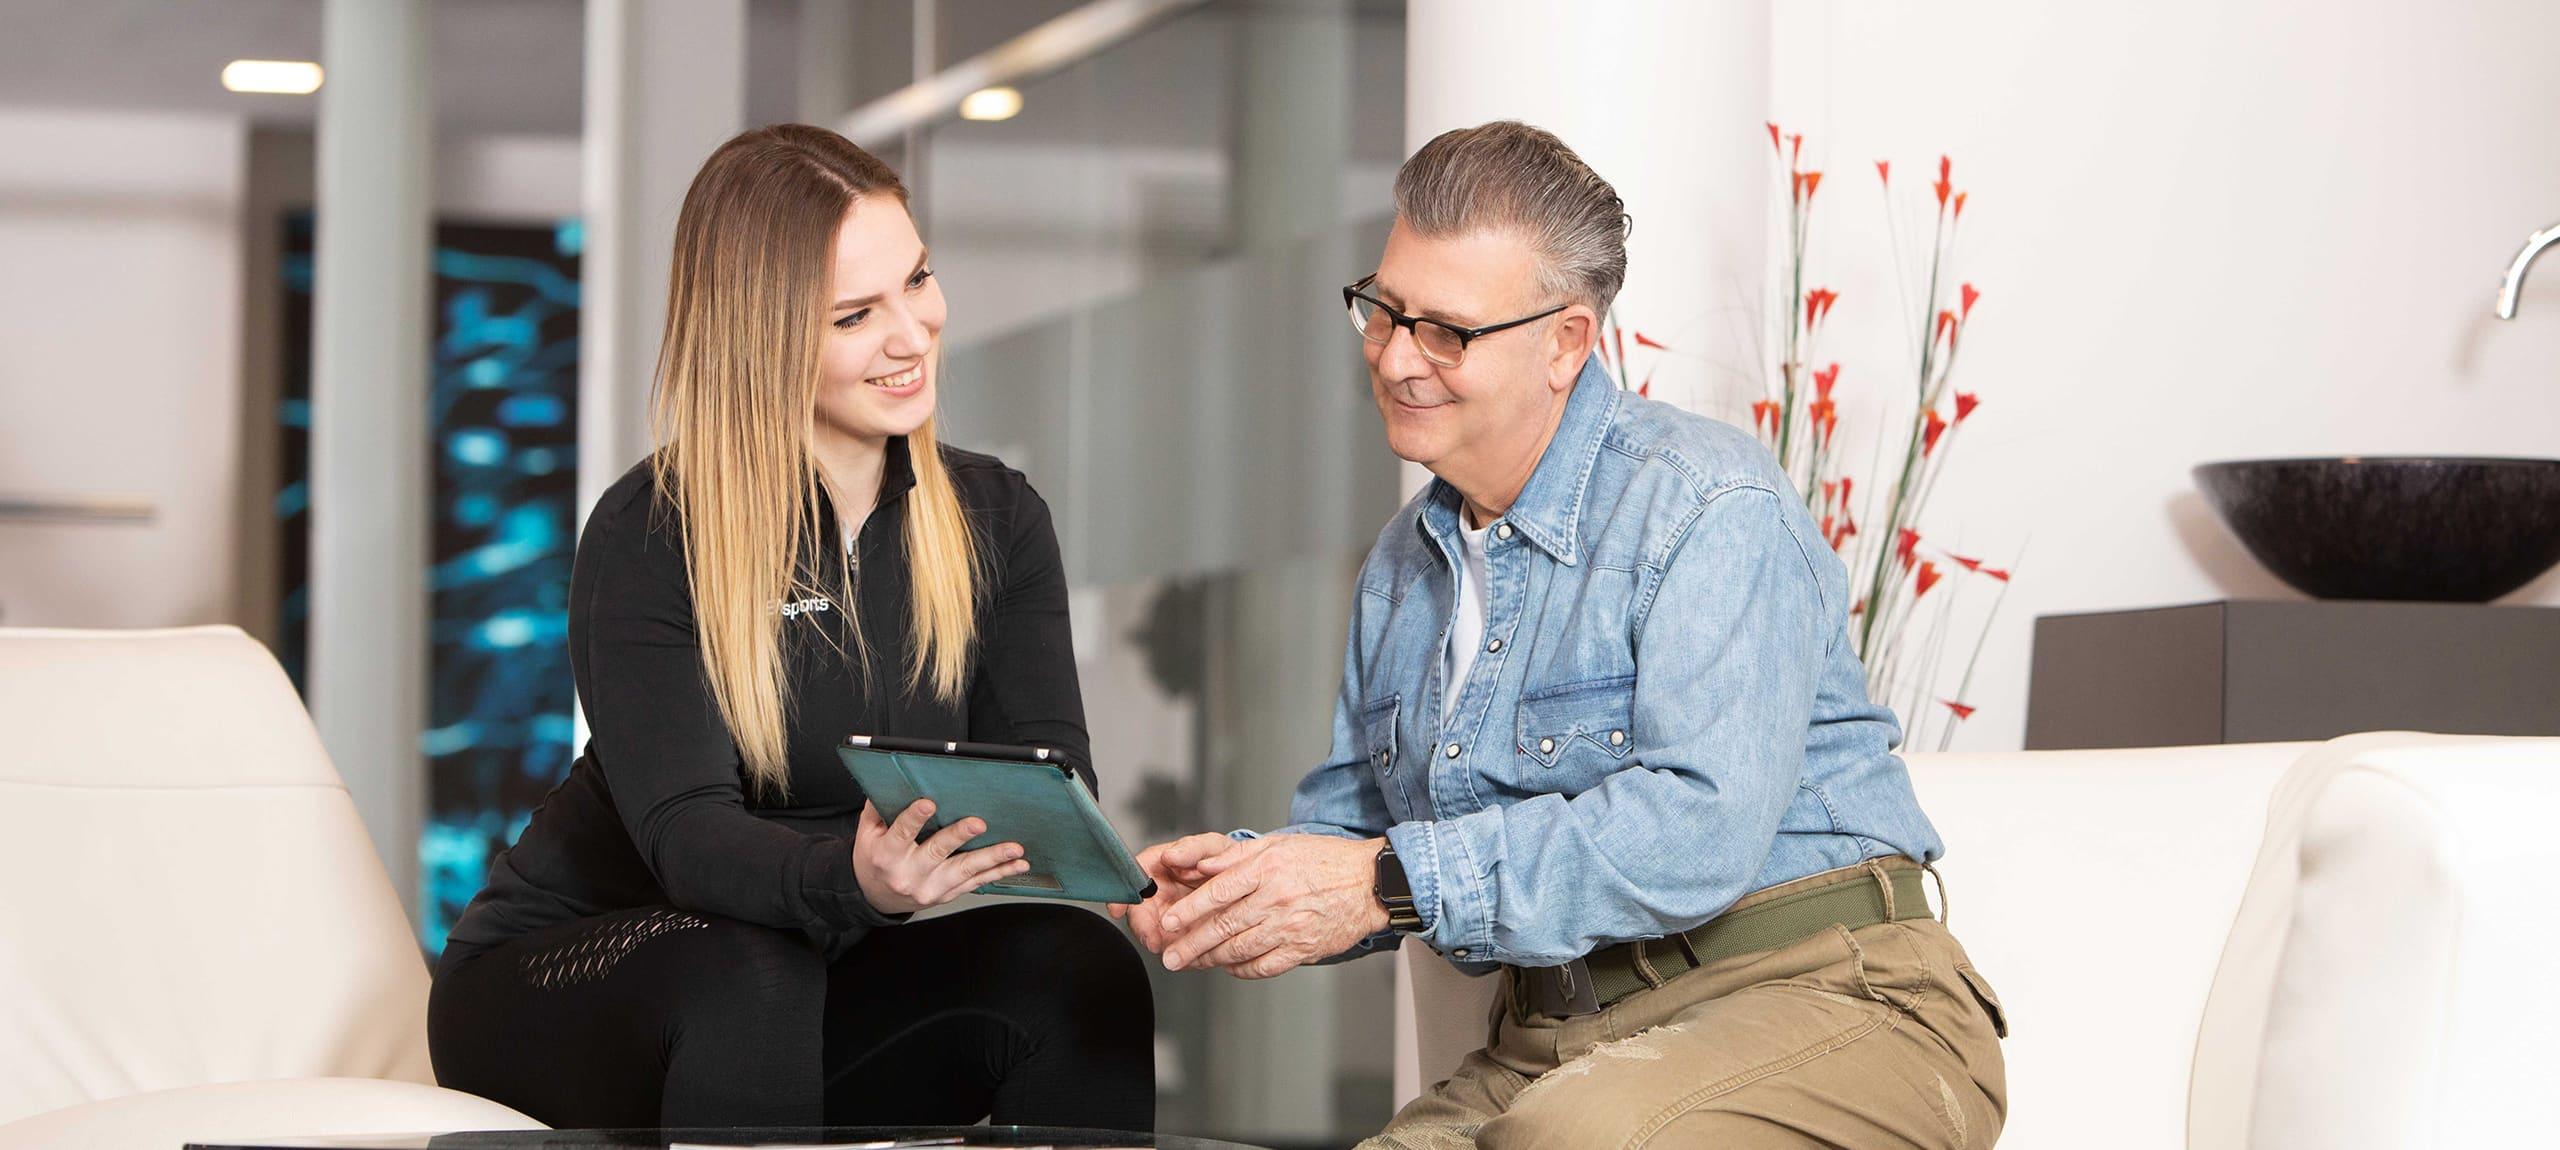 personal trainer zeigt einem kunden seinen fortschritt auf einem tablet